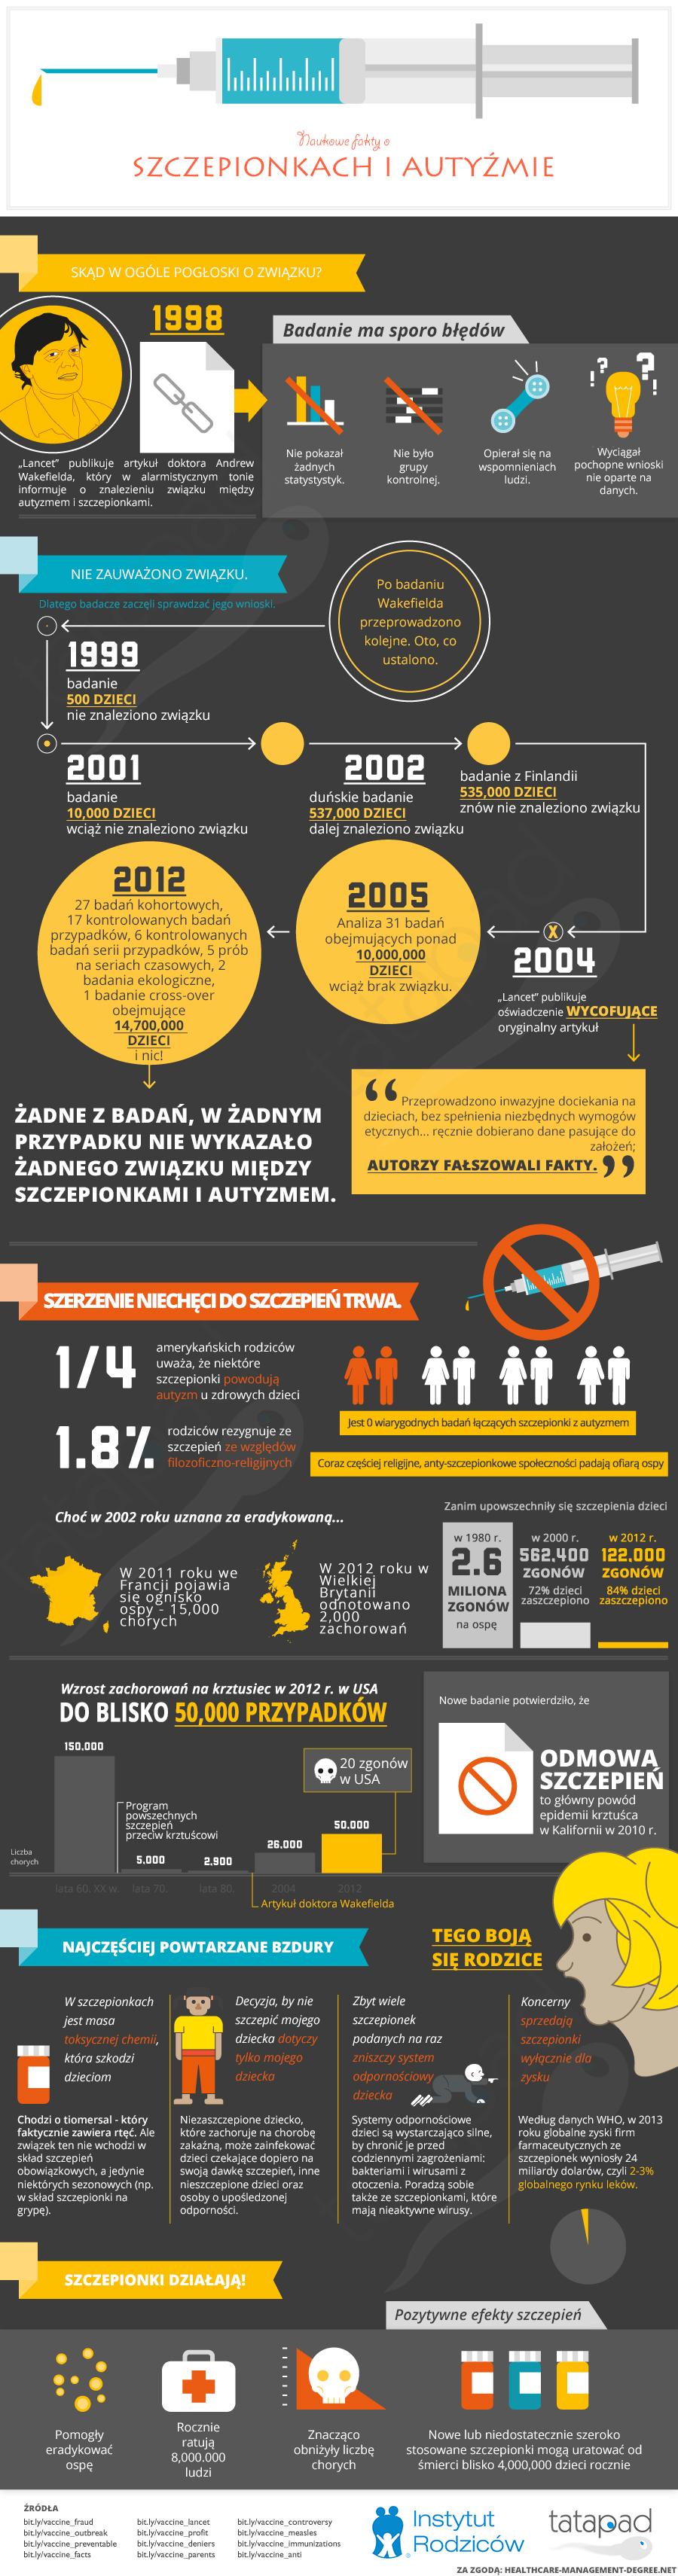 Nowe fakty o szczepionkach i autyźmie